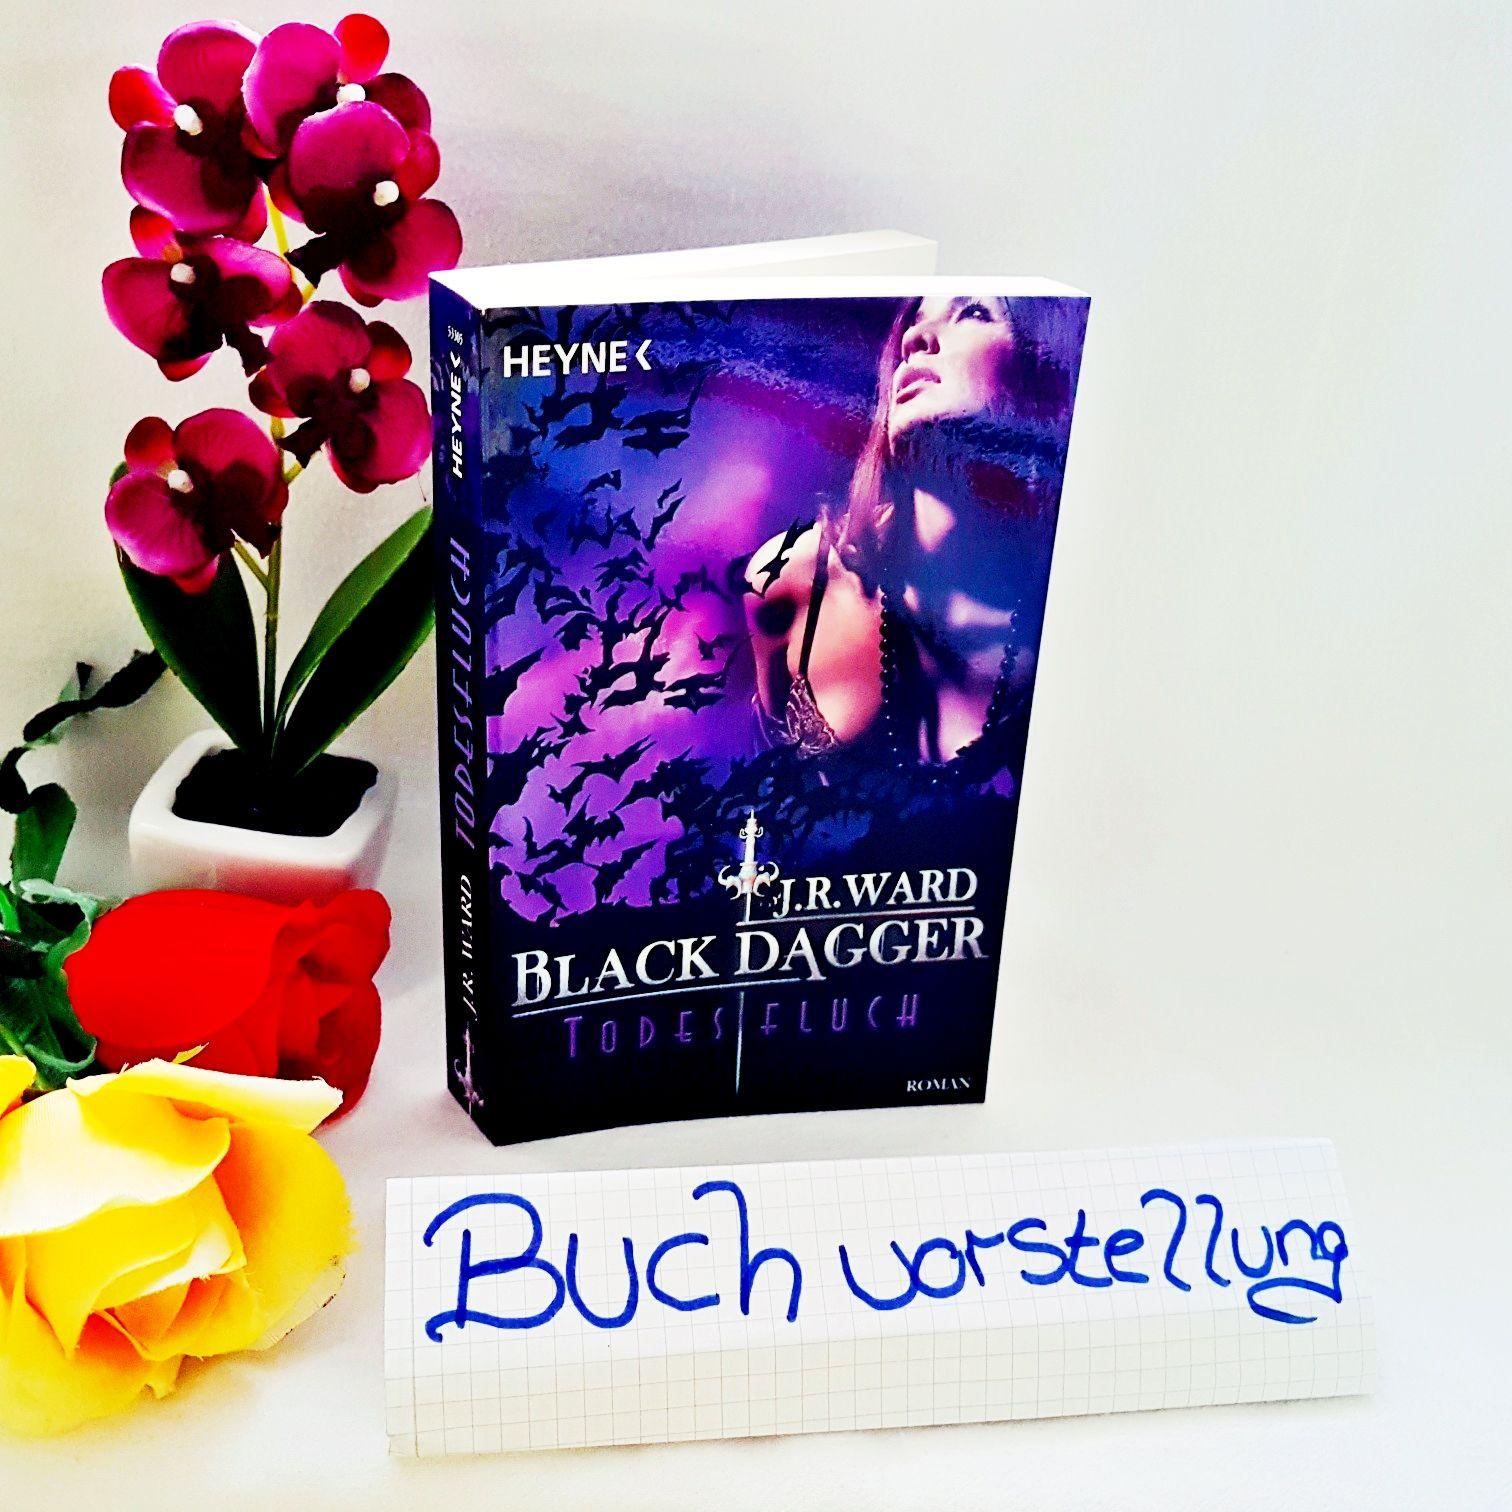 Black Dagger Todesfluch von J.R.Ward